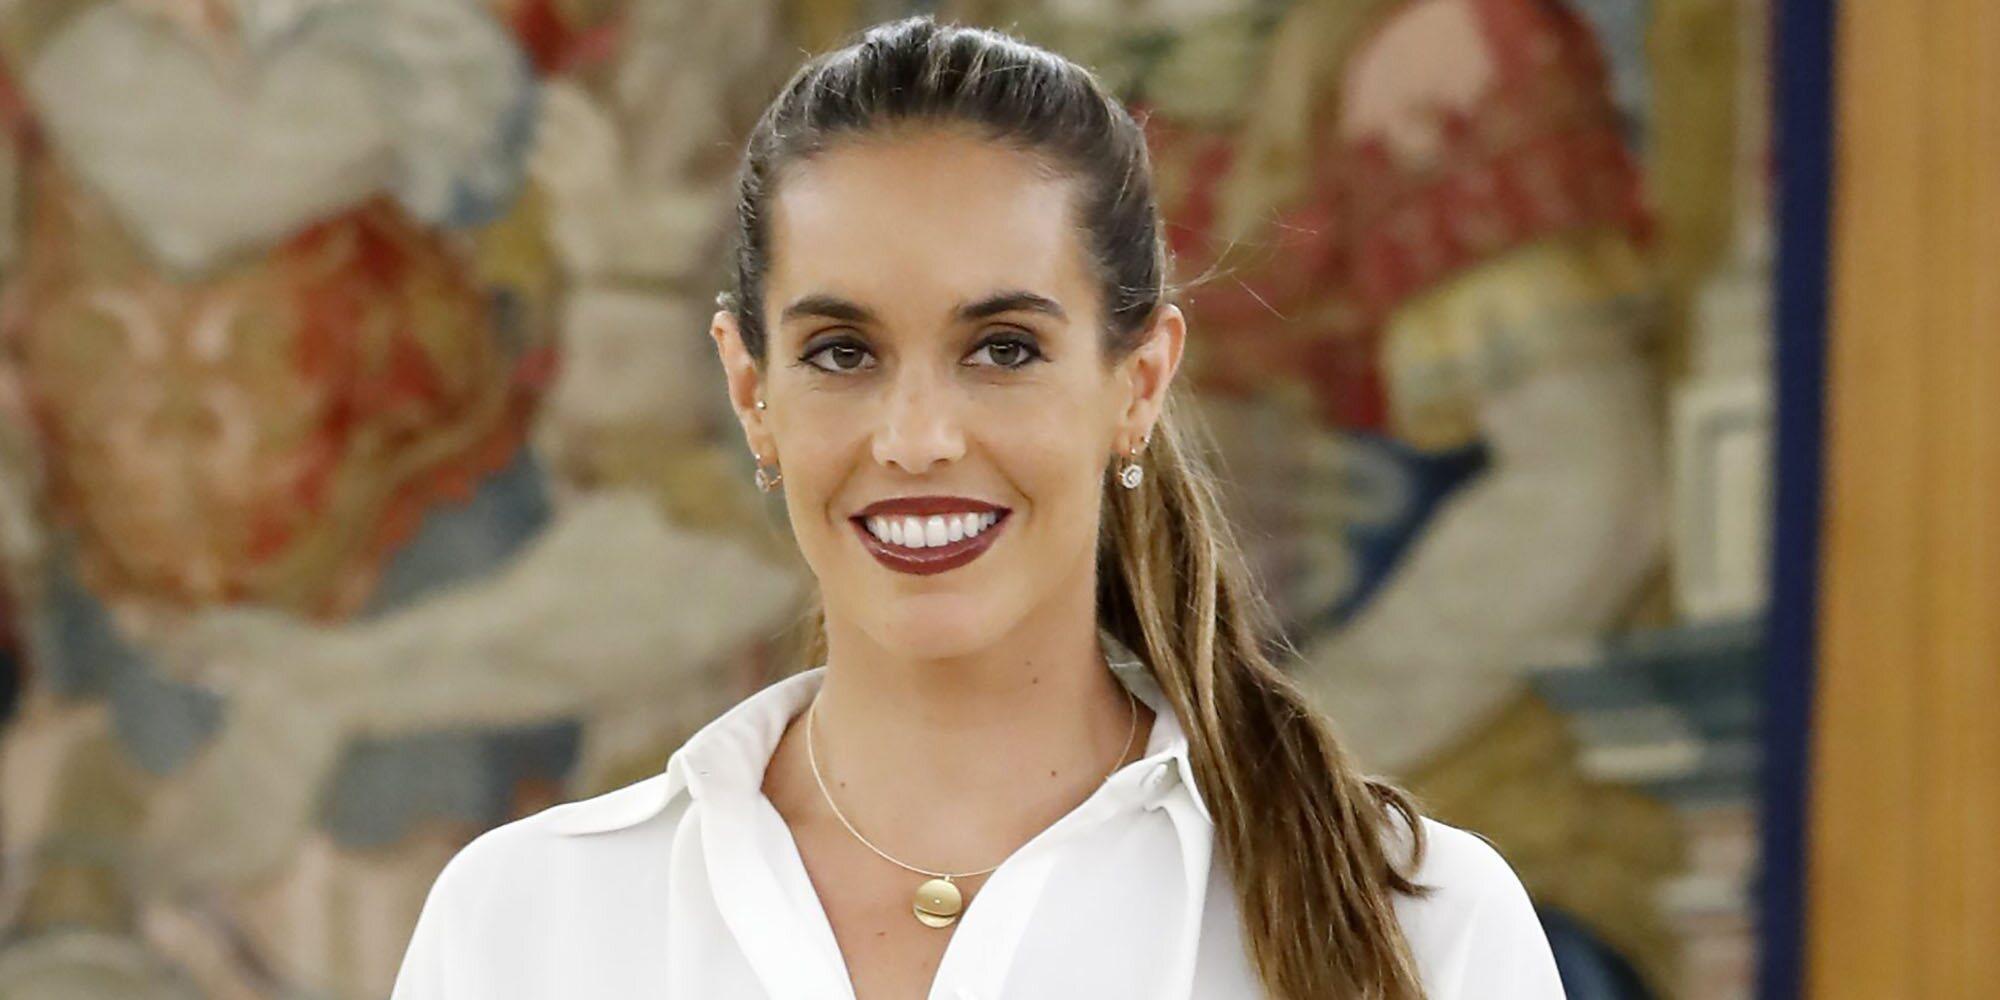 El enfado de Ona Carbonell por no haberle permitido viajar con su hijo a los Juegos Olímpicos de Tokyo 2020